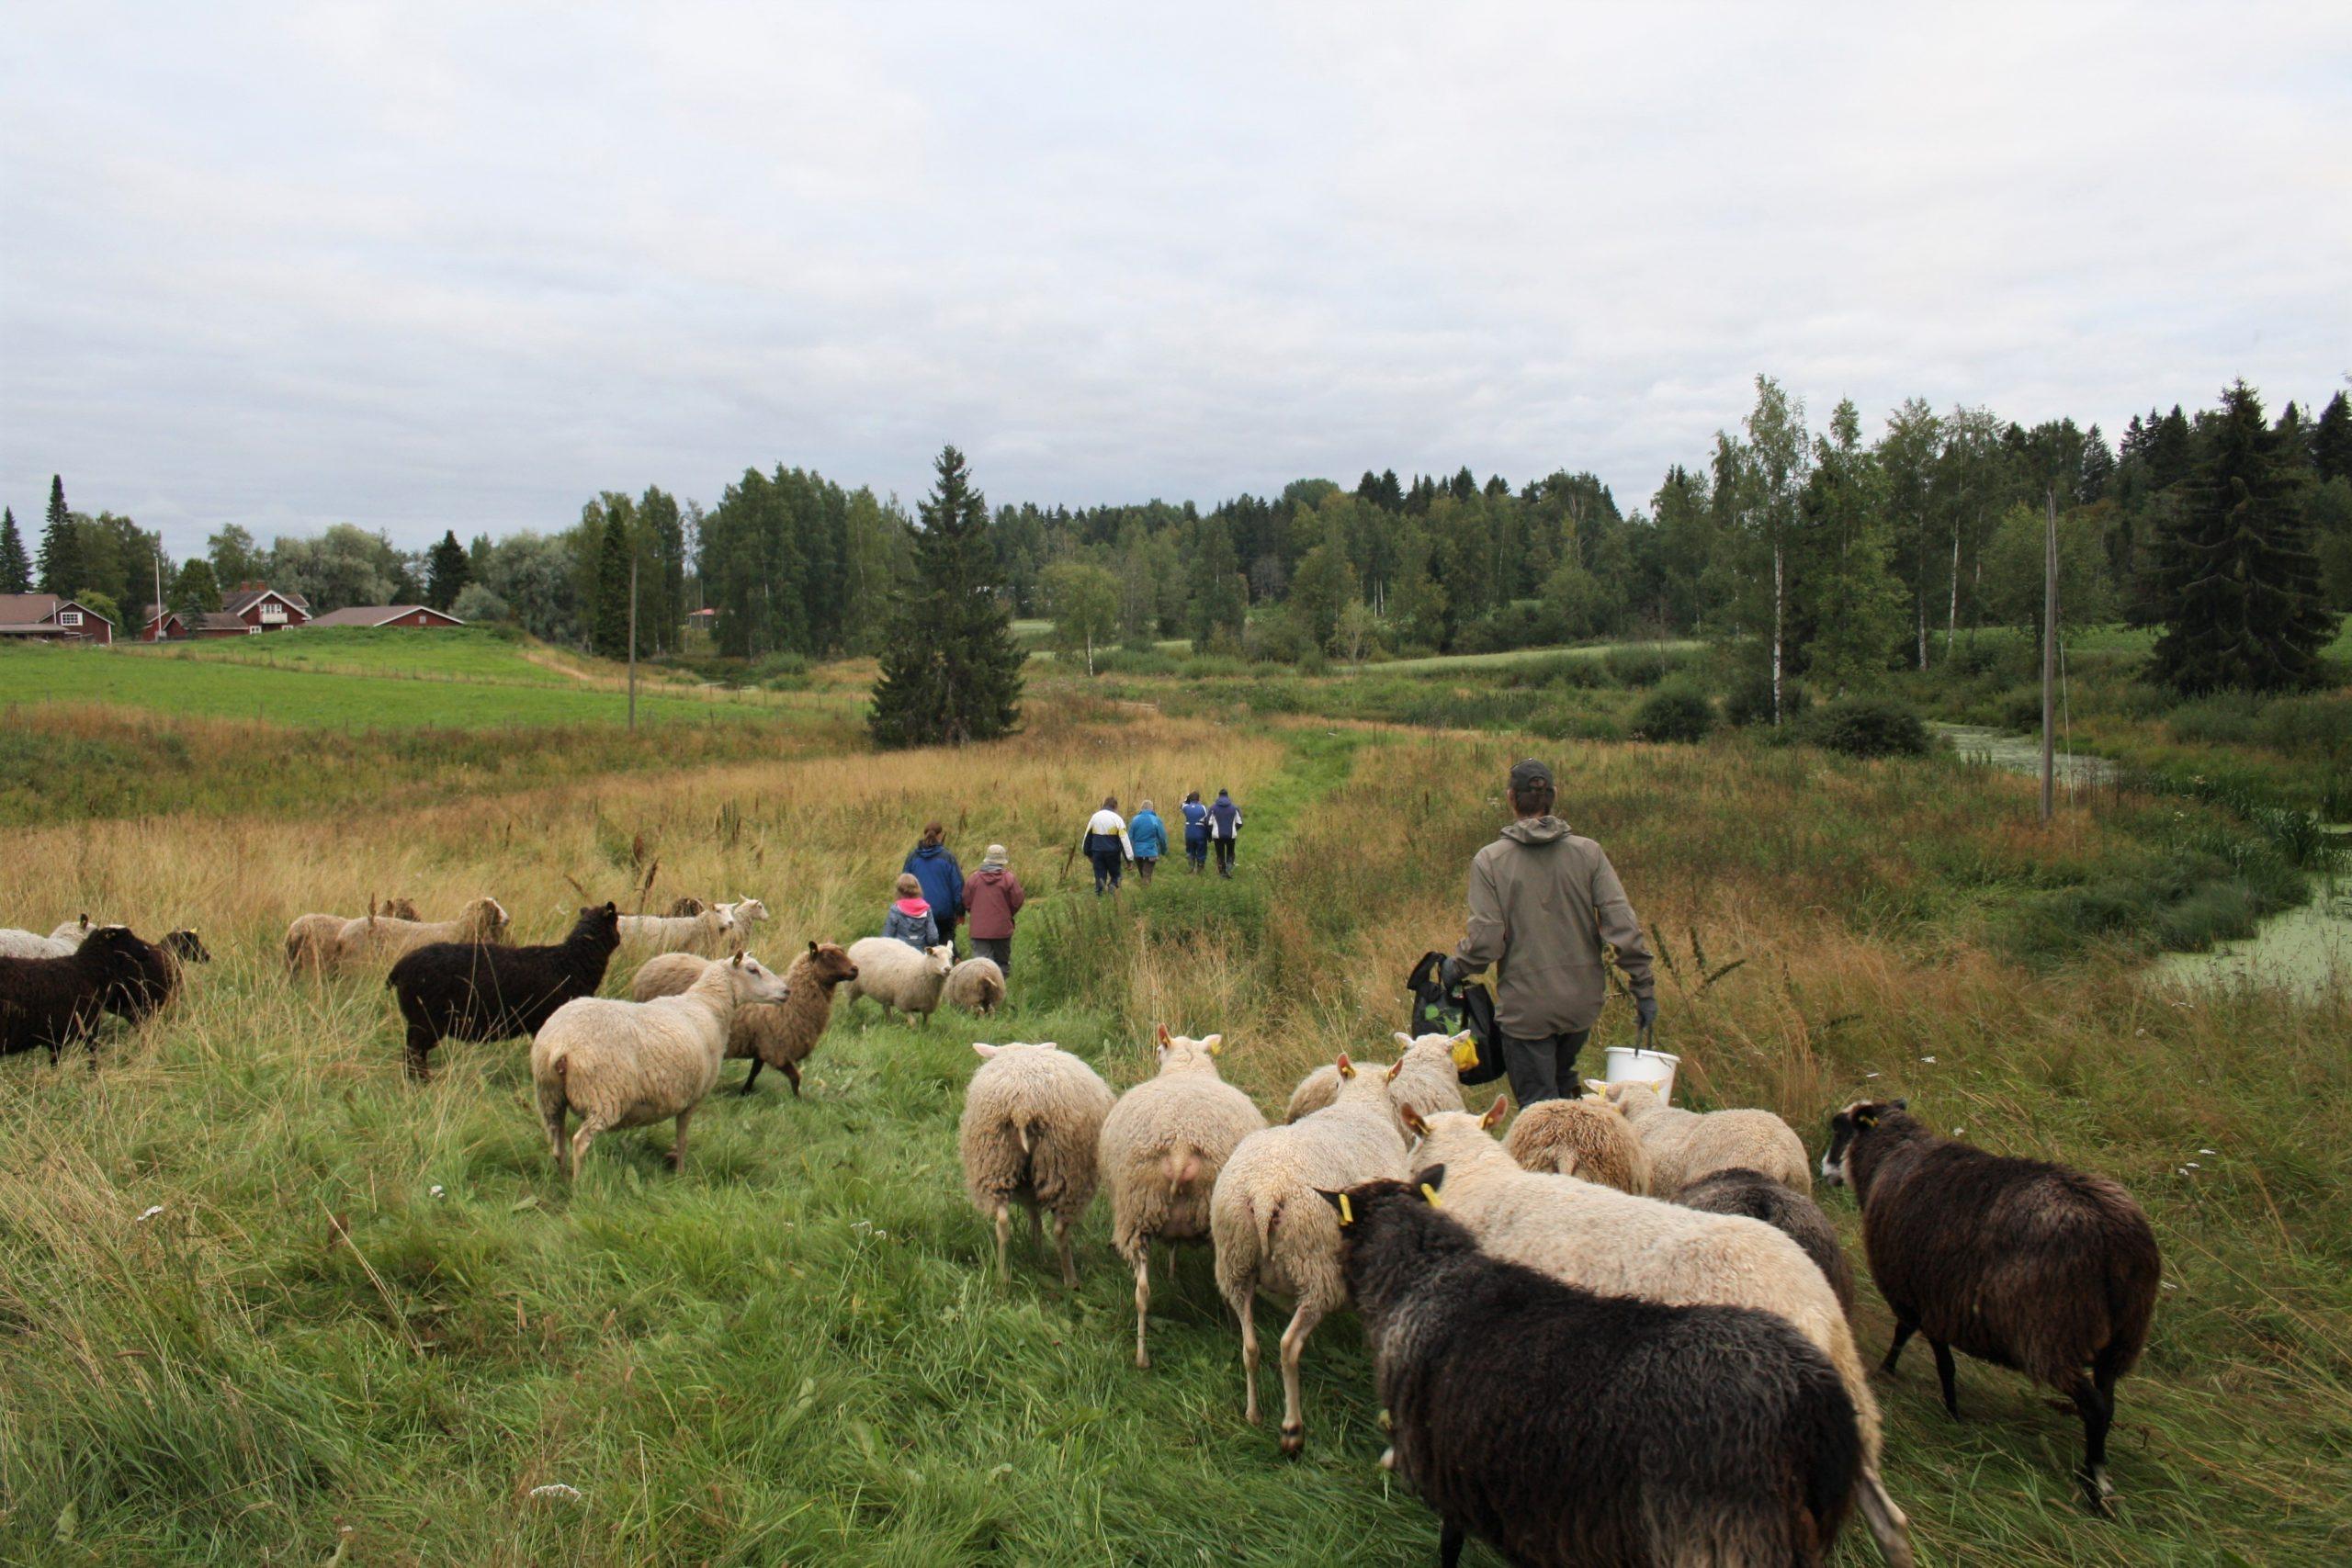 Kuvassa ihmiset kulkevat pellolla joukossaan lampaita.